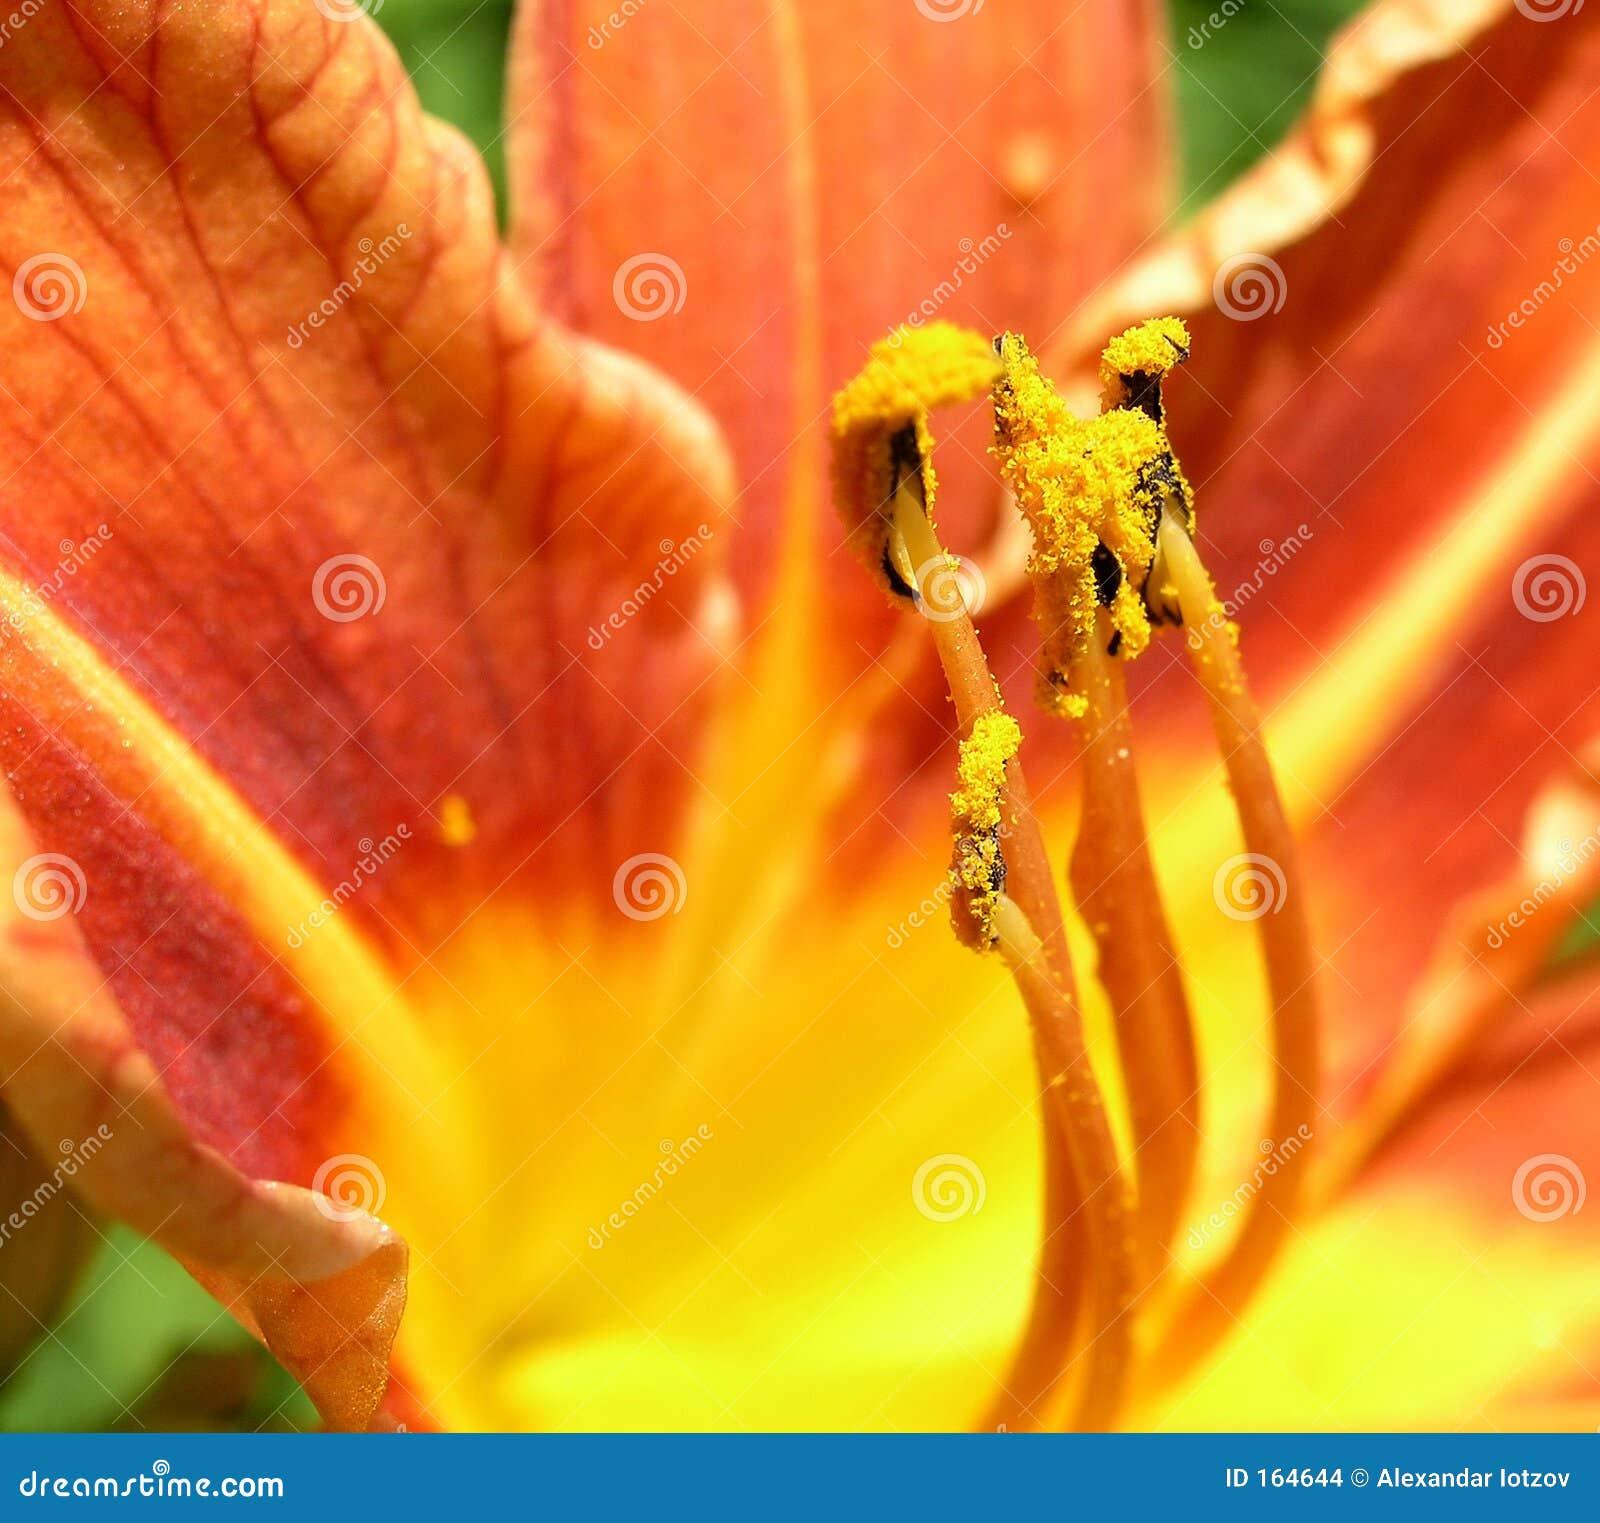 Lily filaments